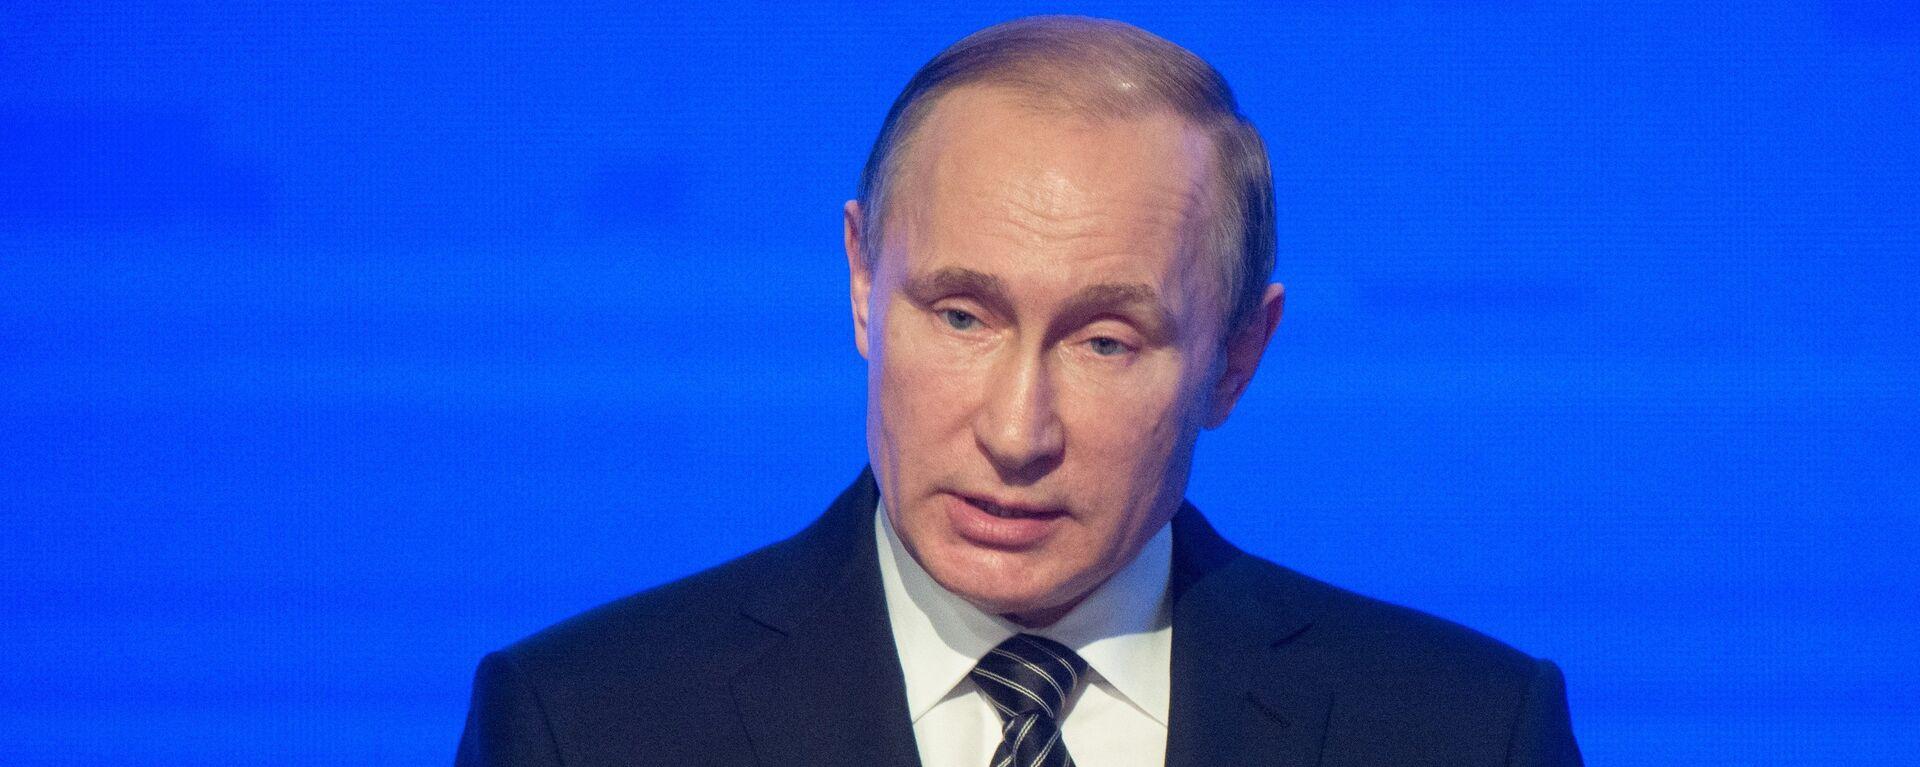 Президент России Владимир Путин - Sputnik Латвия, 1920, 30.06.2016